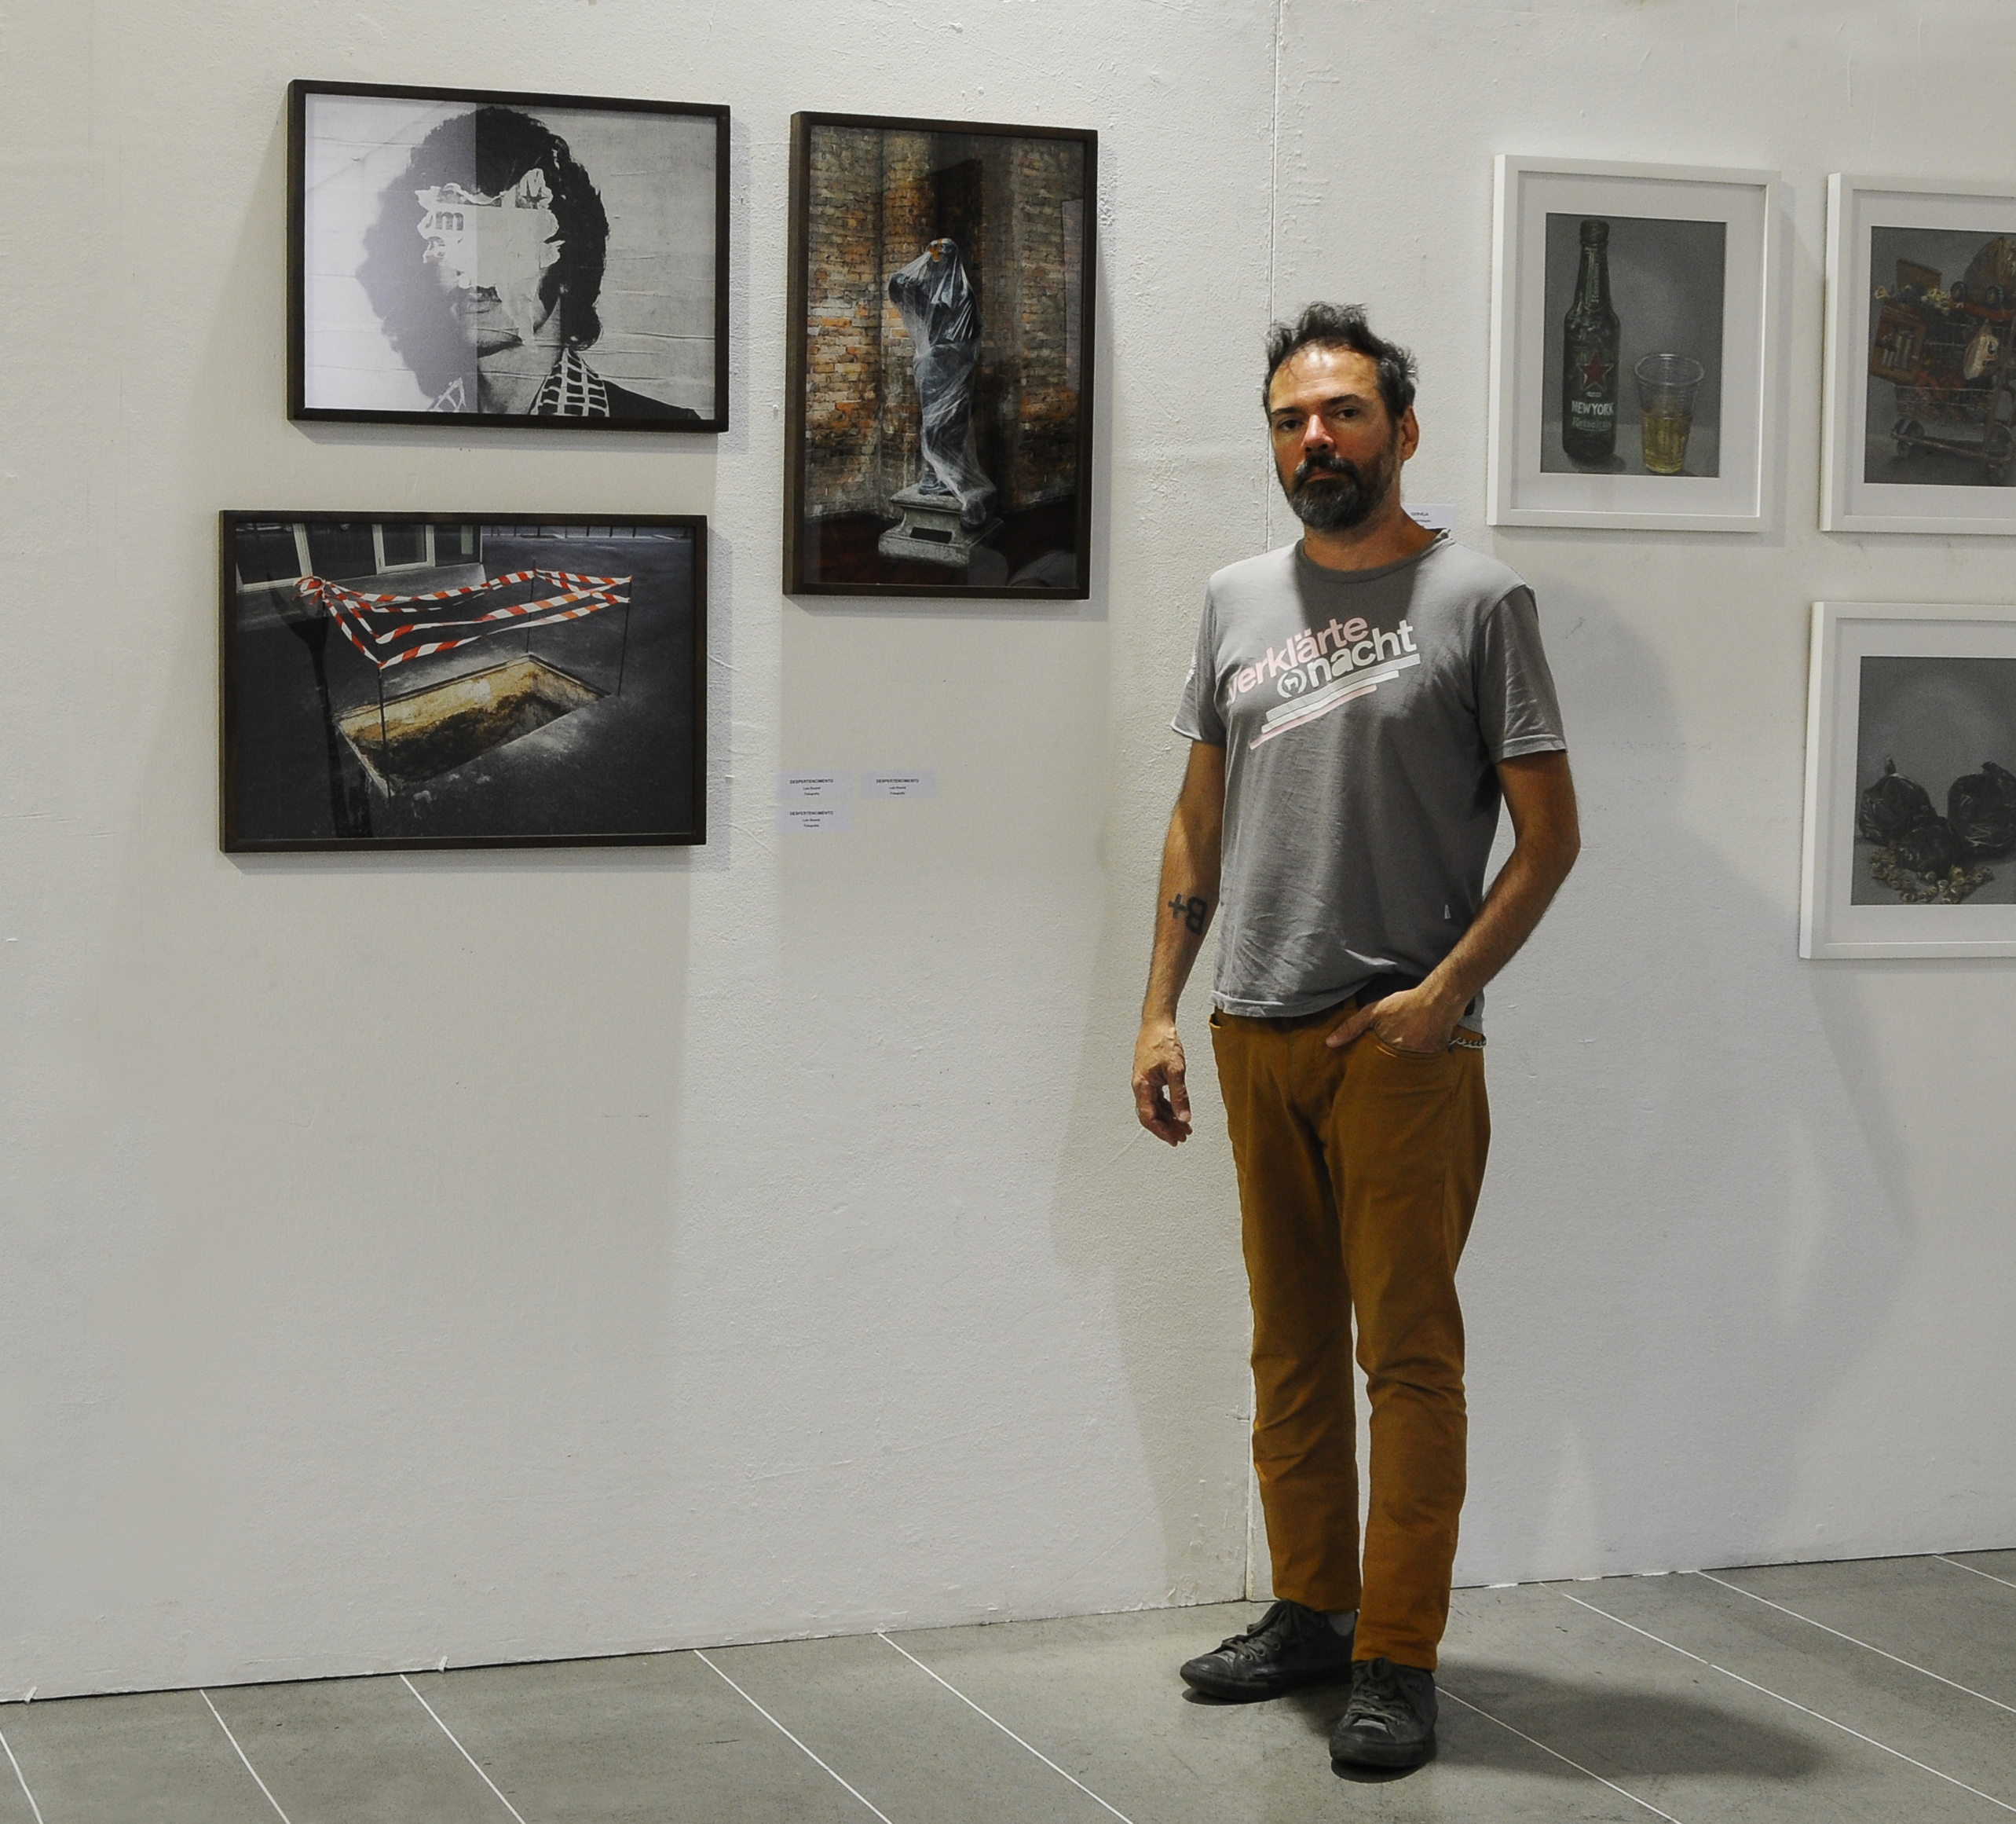 Lula Ricardi se destaca com trabalho artístico em dois salões em São Paulo